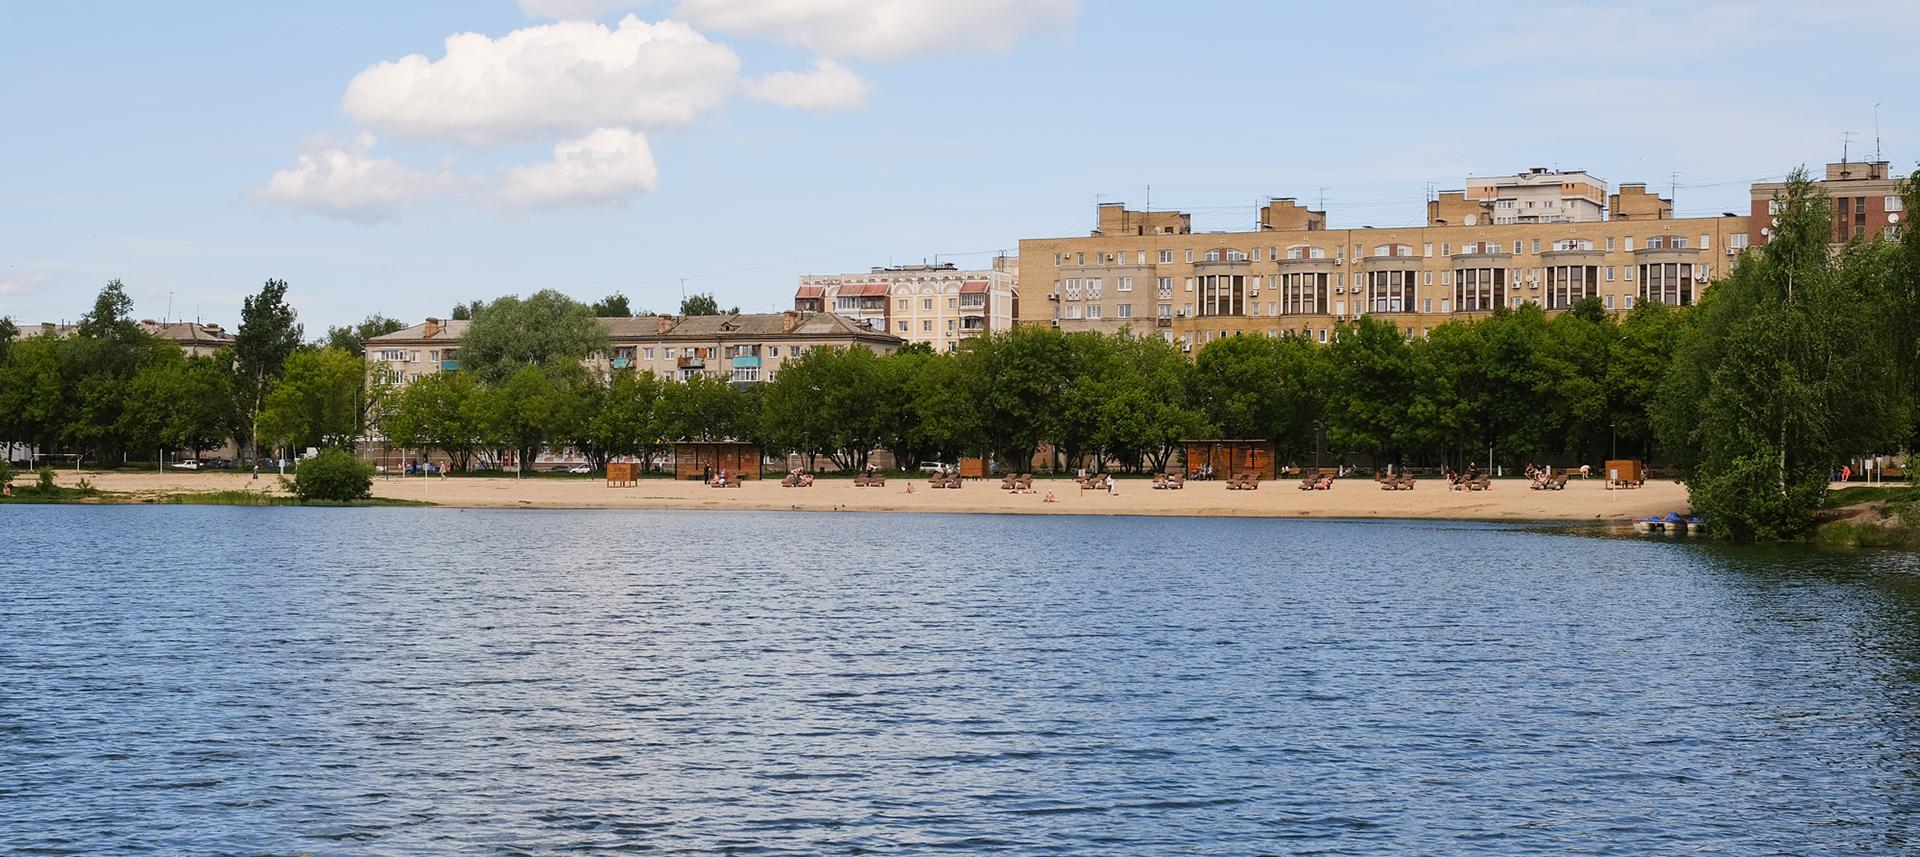 Где отдыхать в Нижнем Новгороде у воды? Обзор редакции (часть первая)